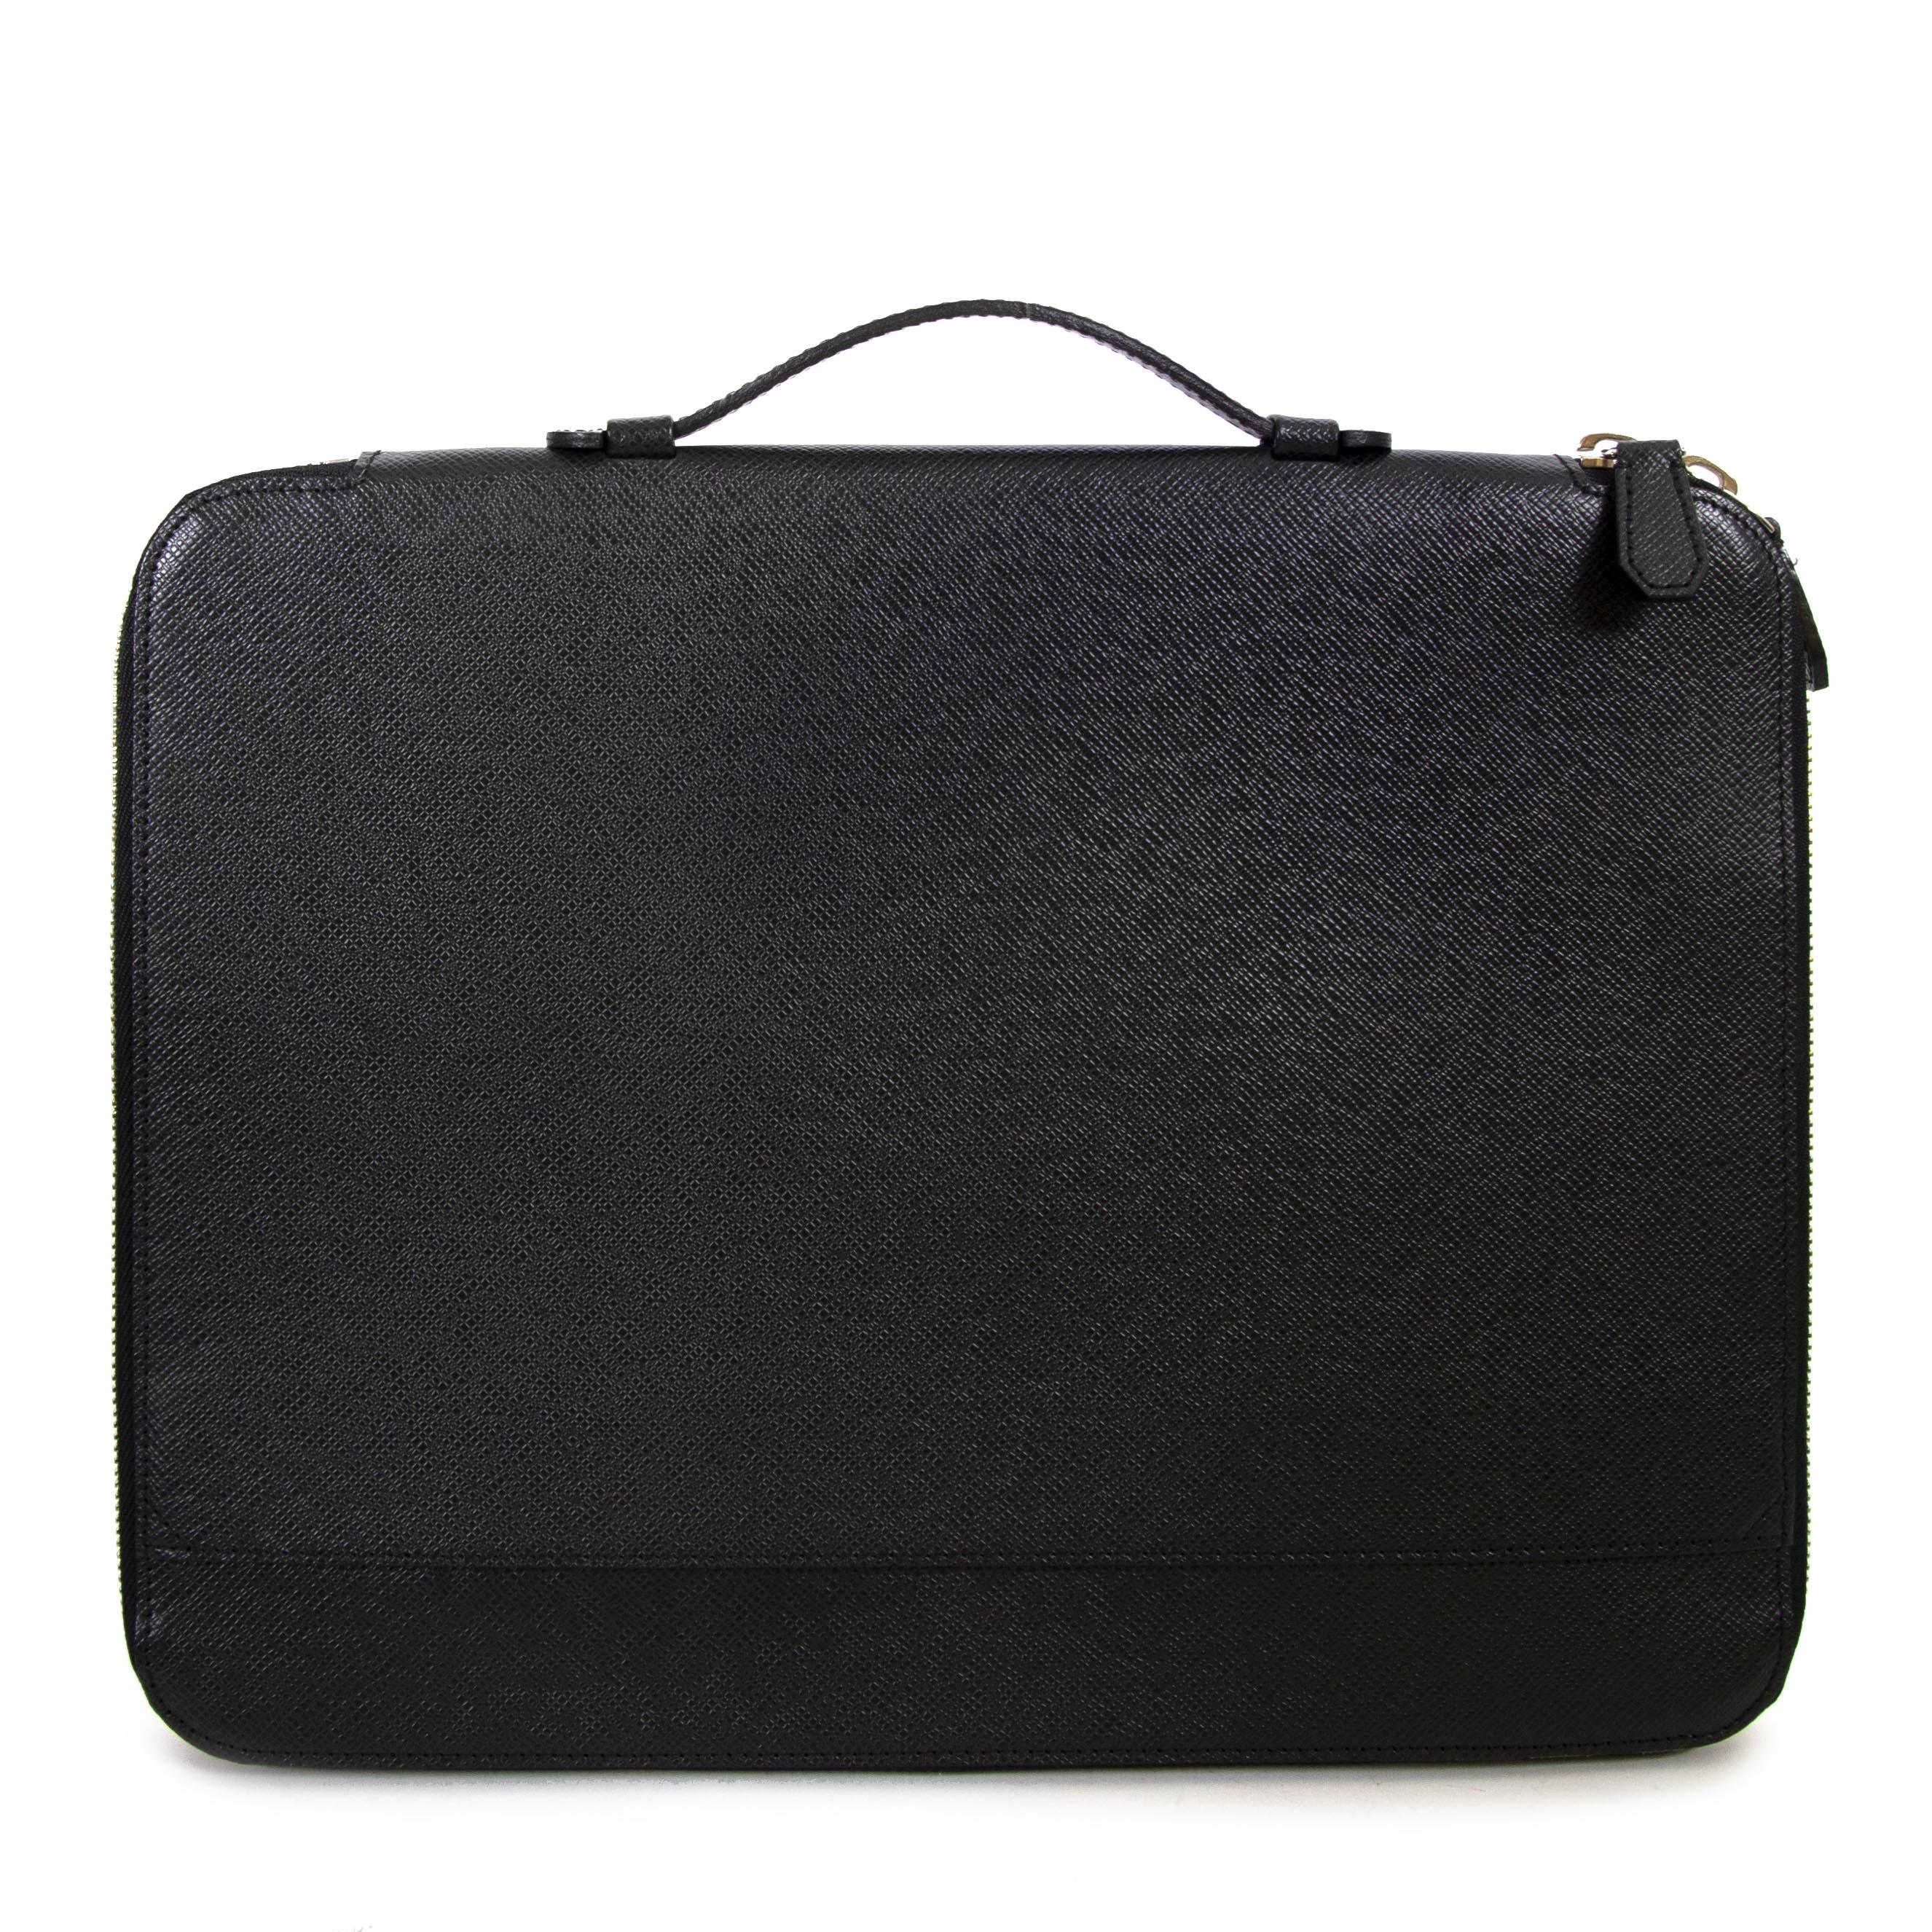 koop Louis Vuitton Black Vladimir Aroise Briefcase en betaal veilig online